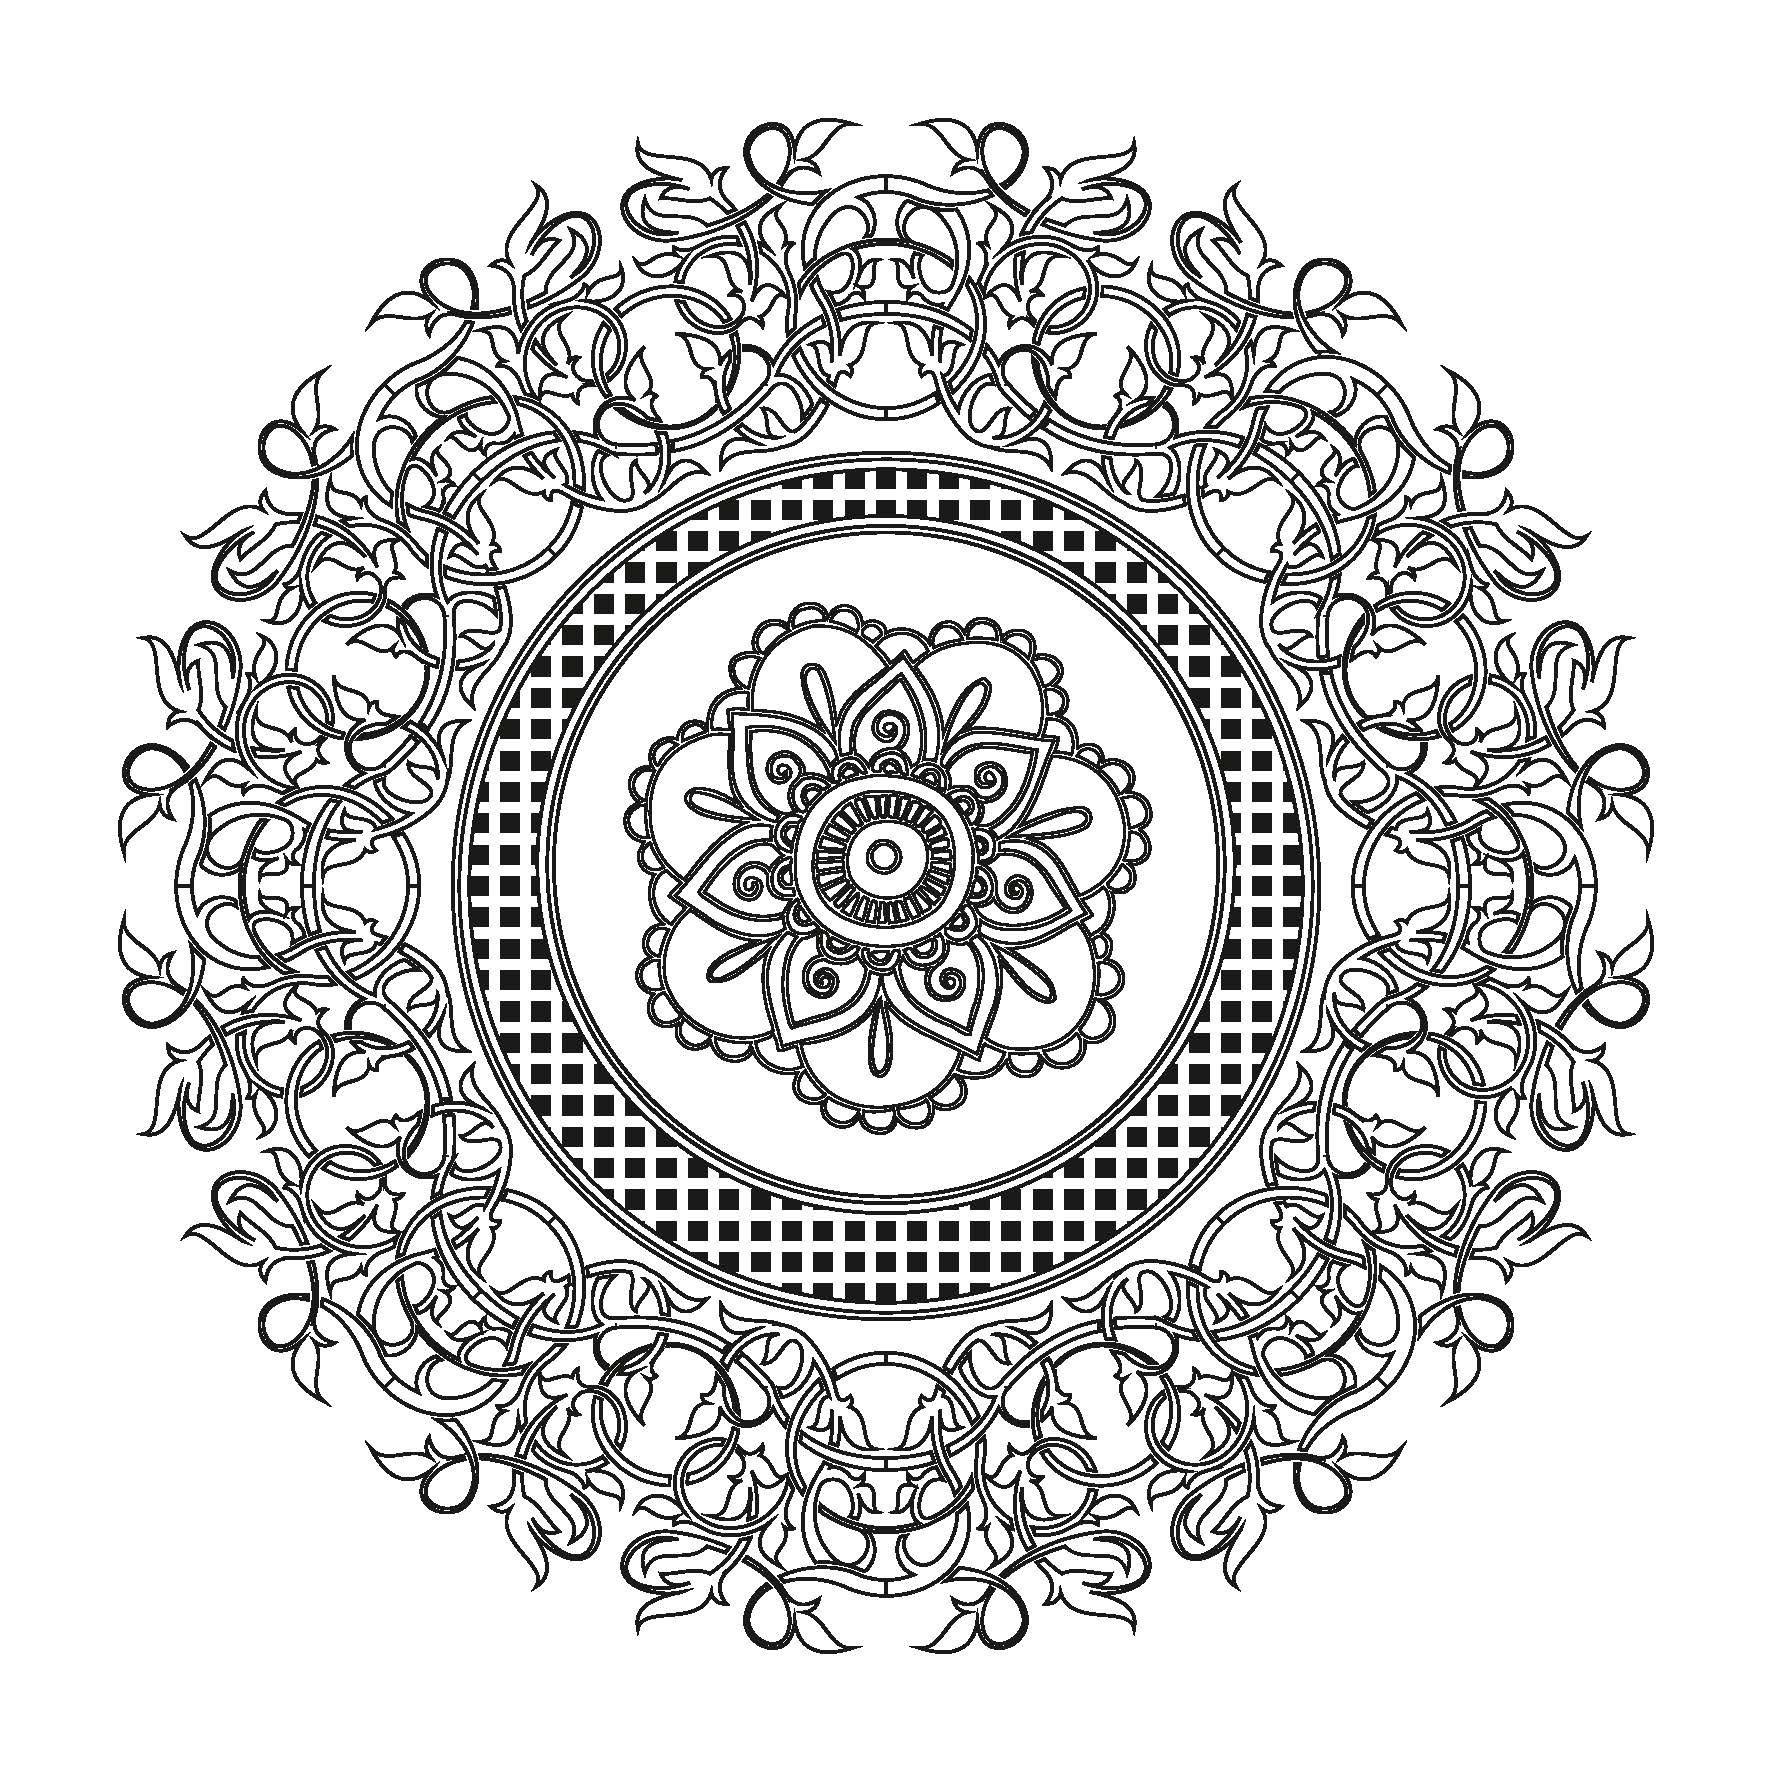 Mandala-Zauber: Fantastisches zum Ausmalen Malprodukte für ...